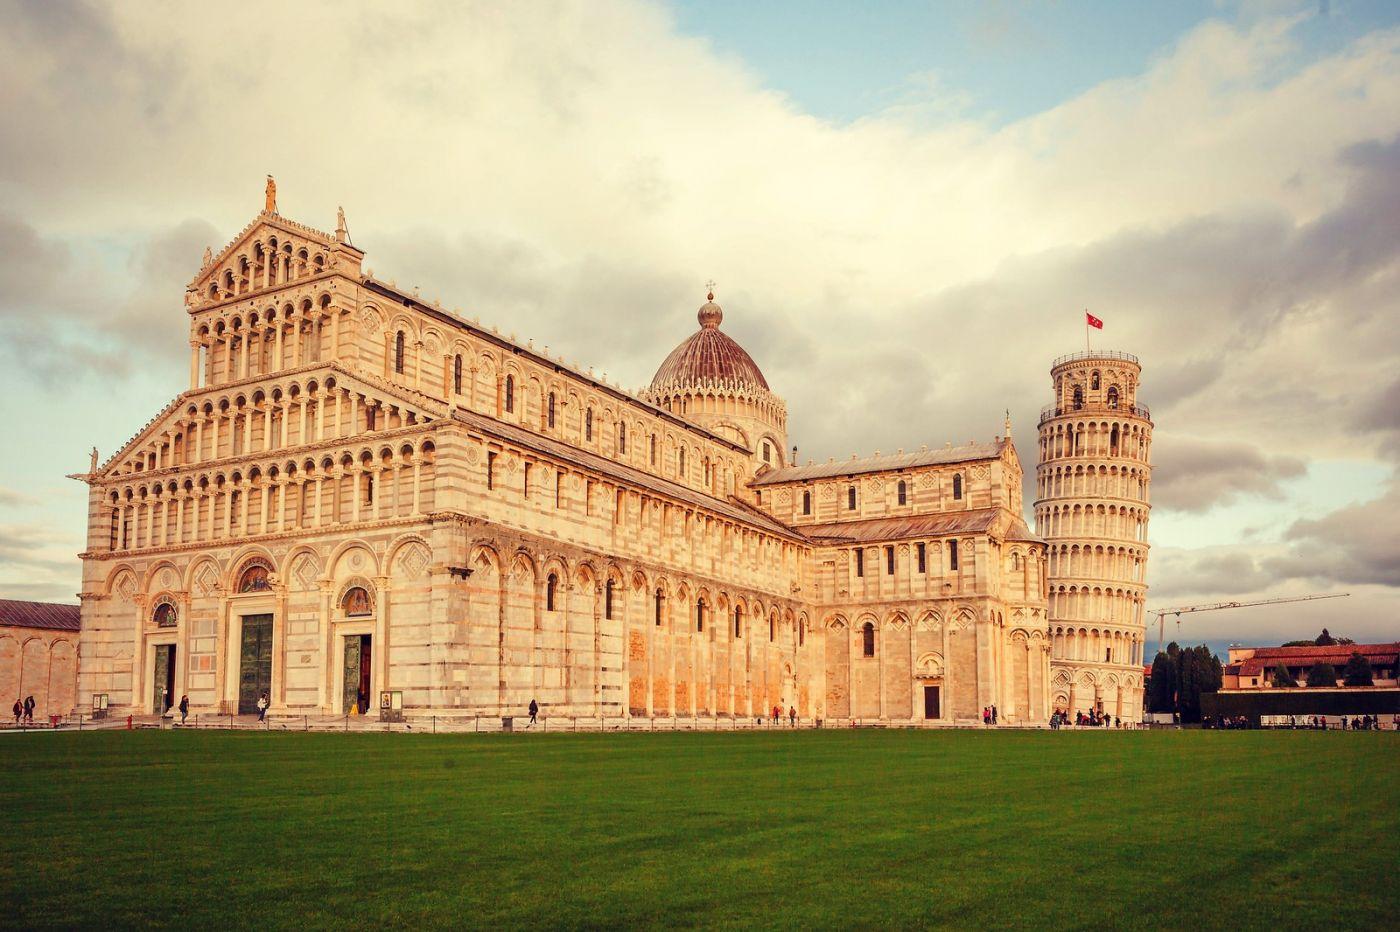 意大利比萨斜塔,塔旁的建筑群_图1-2